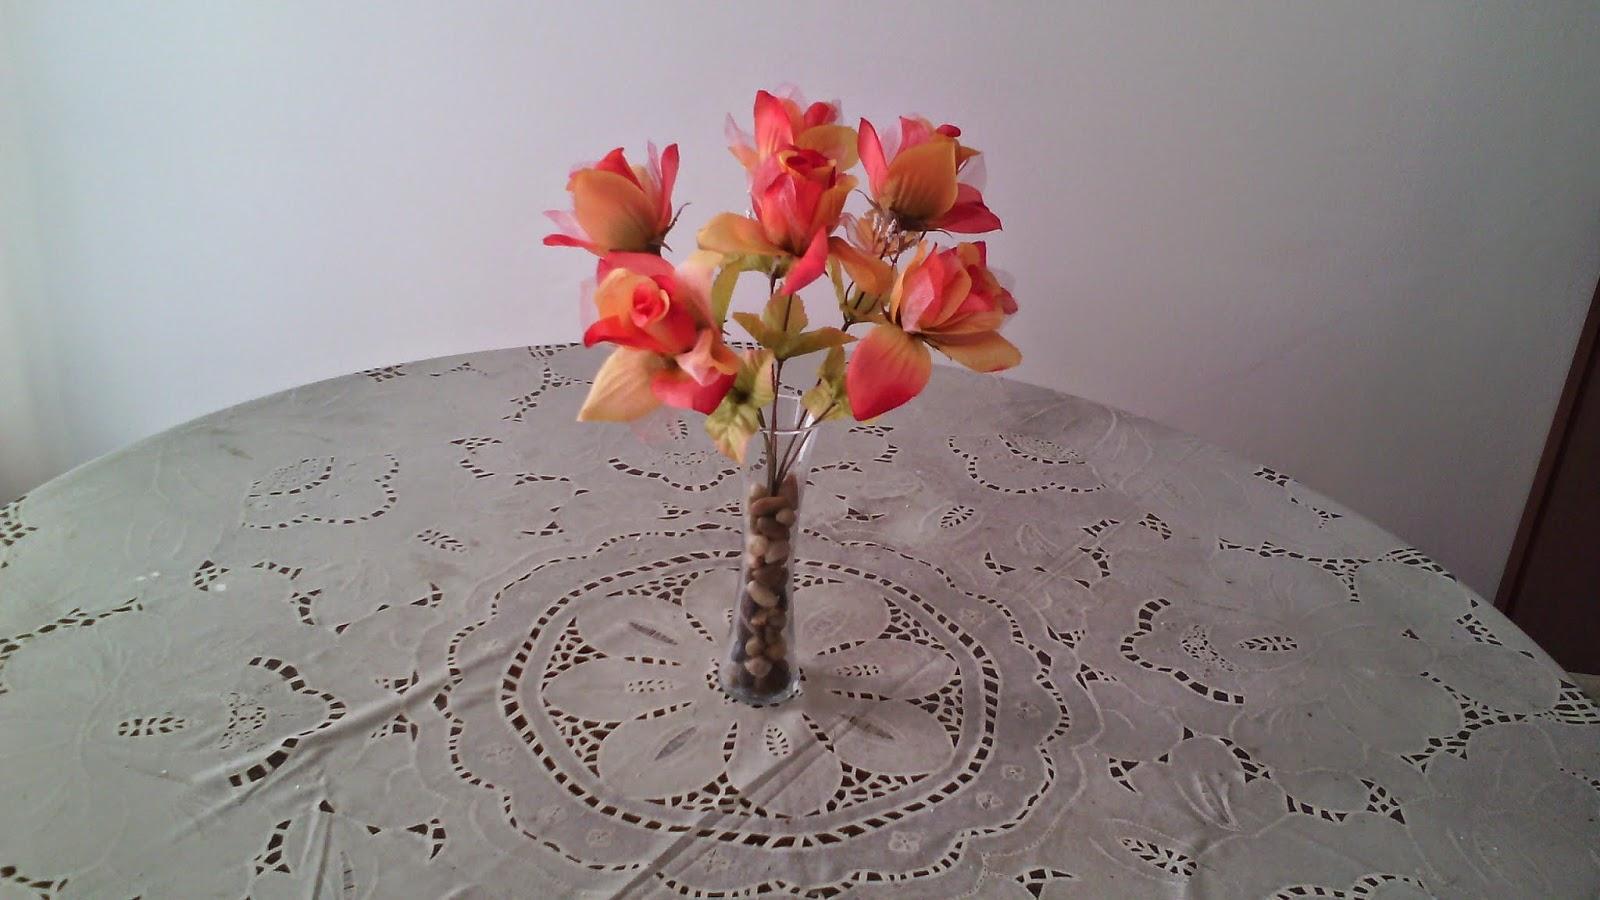 Imagenes Arreglos Flores Artificiales - Imagenes De Arreglos Florales Para Boda Centros de